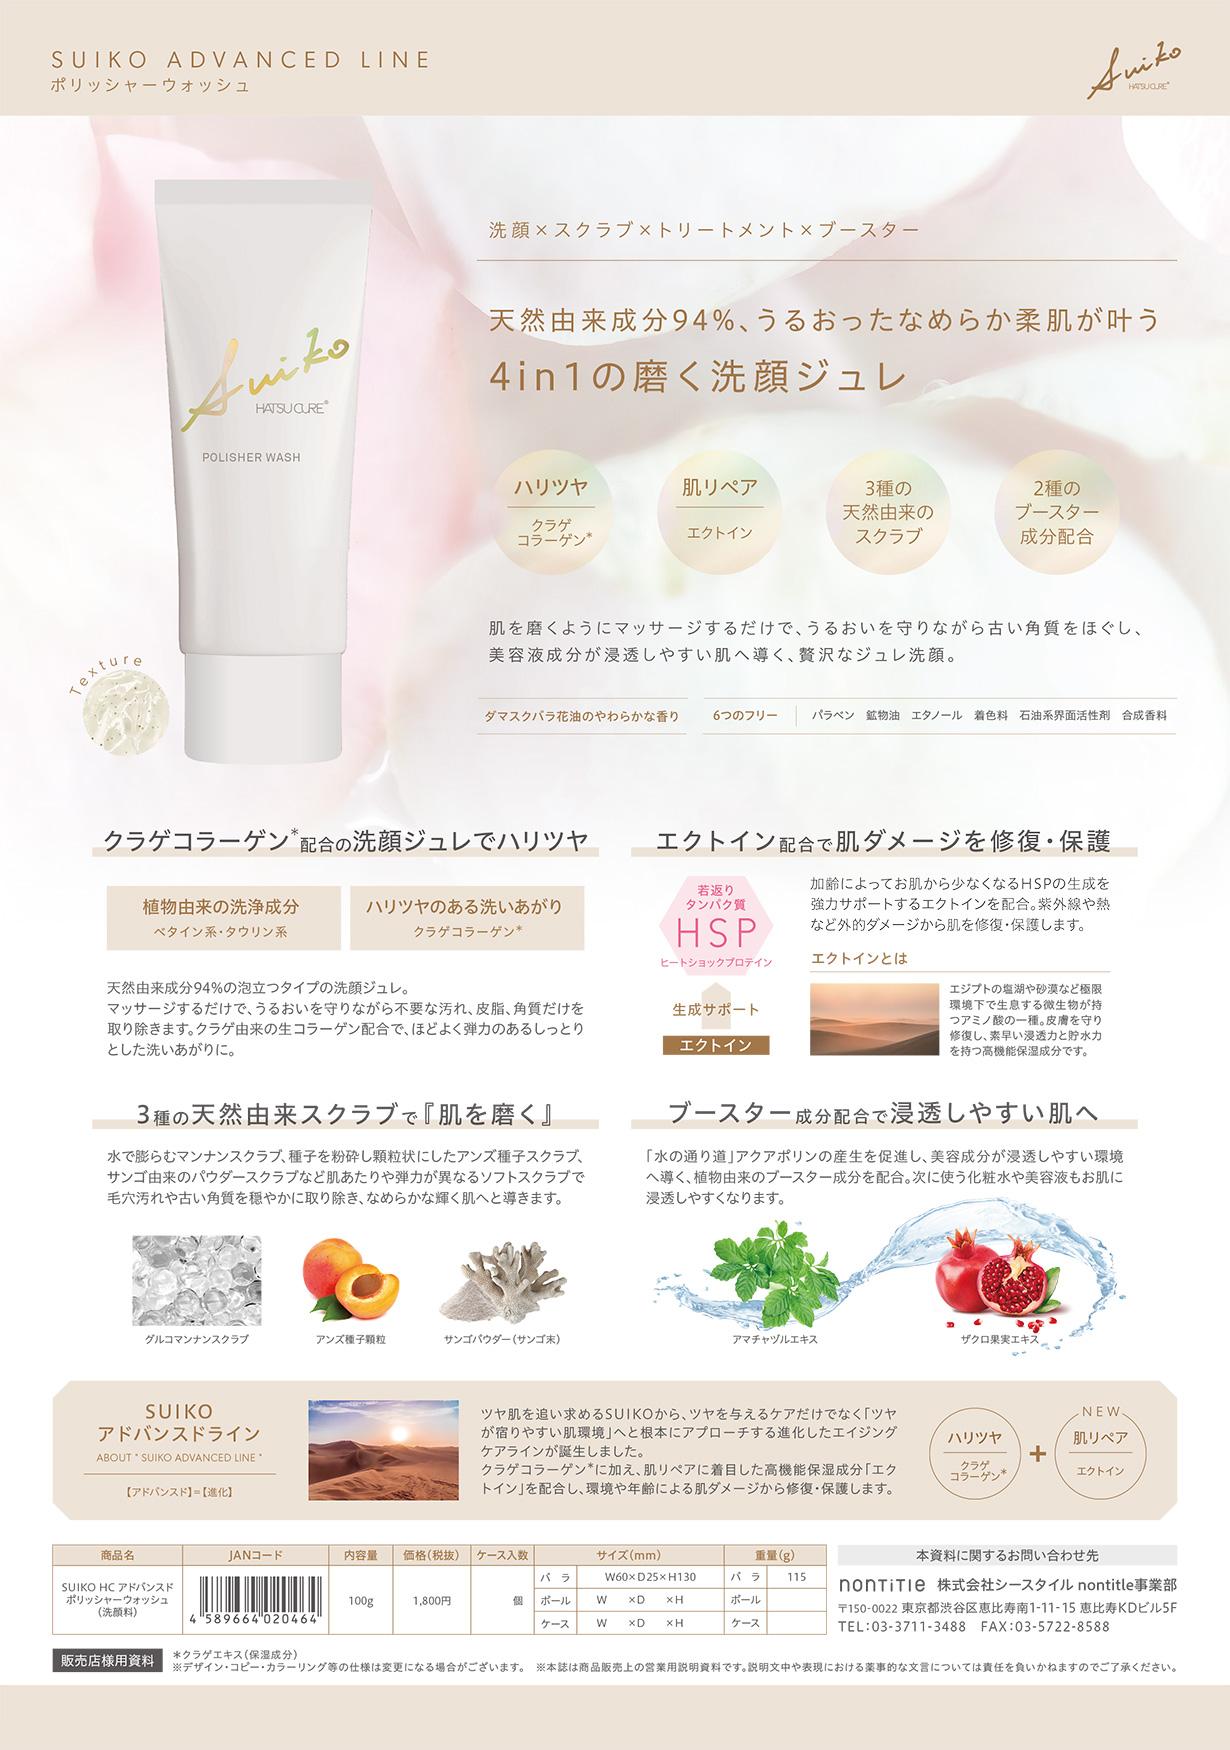 【規定書】SUIKO HATSUCURE® アドバンスド ポリッシャーウォッシュ